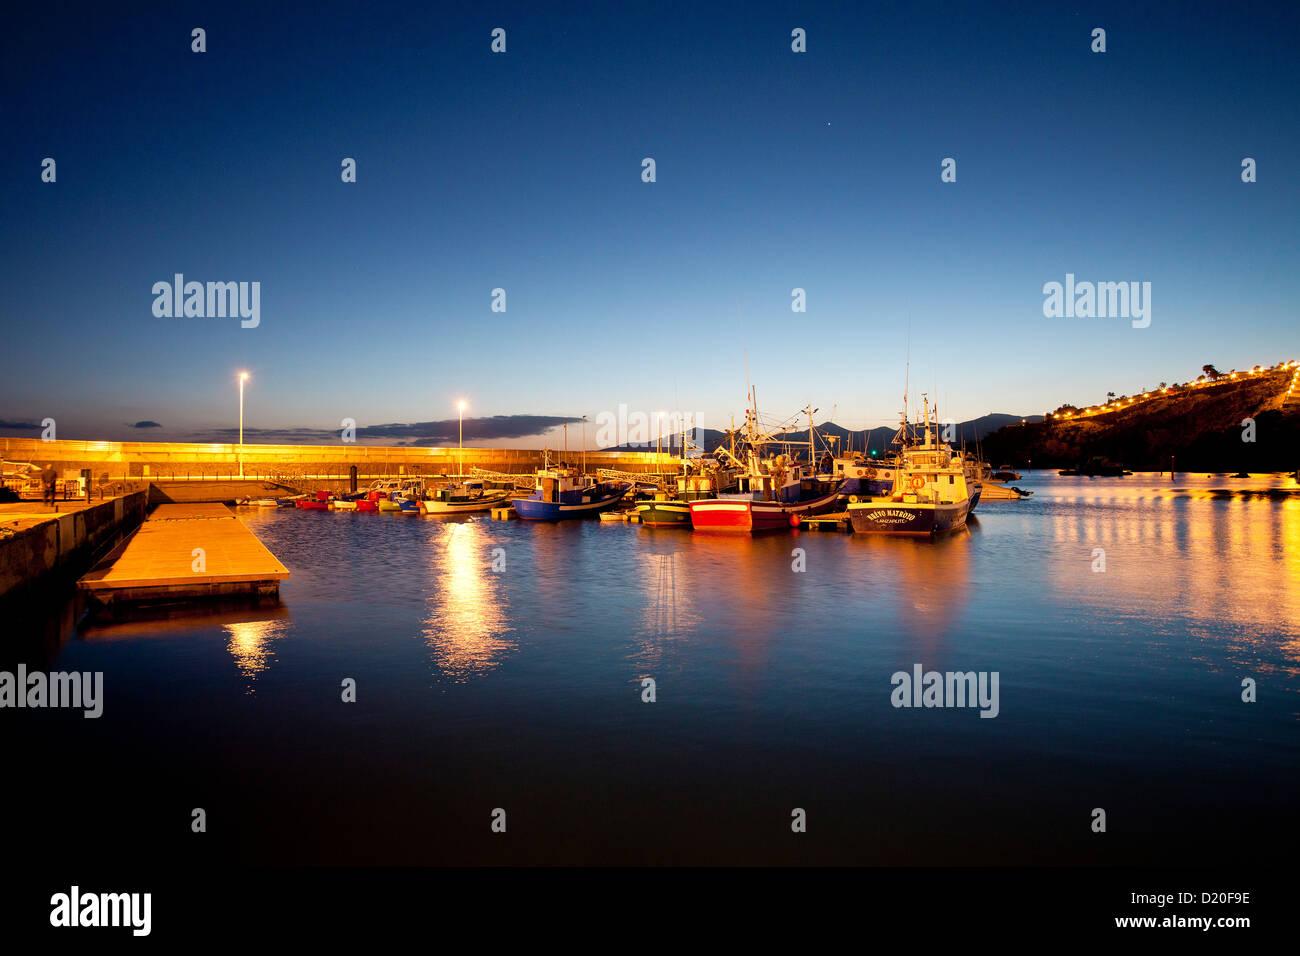 Puerto iluminado en la noche, Puerto del Carmen, Lanzarote, Islas Canarias, España, Europa Imagen De Stock